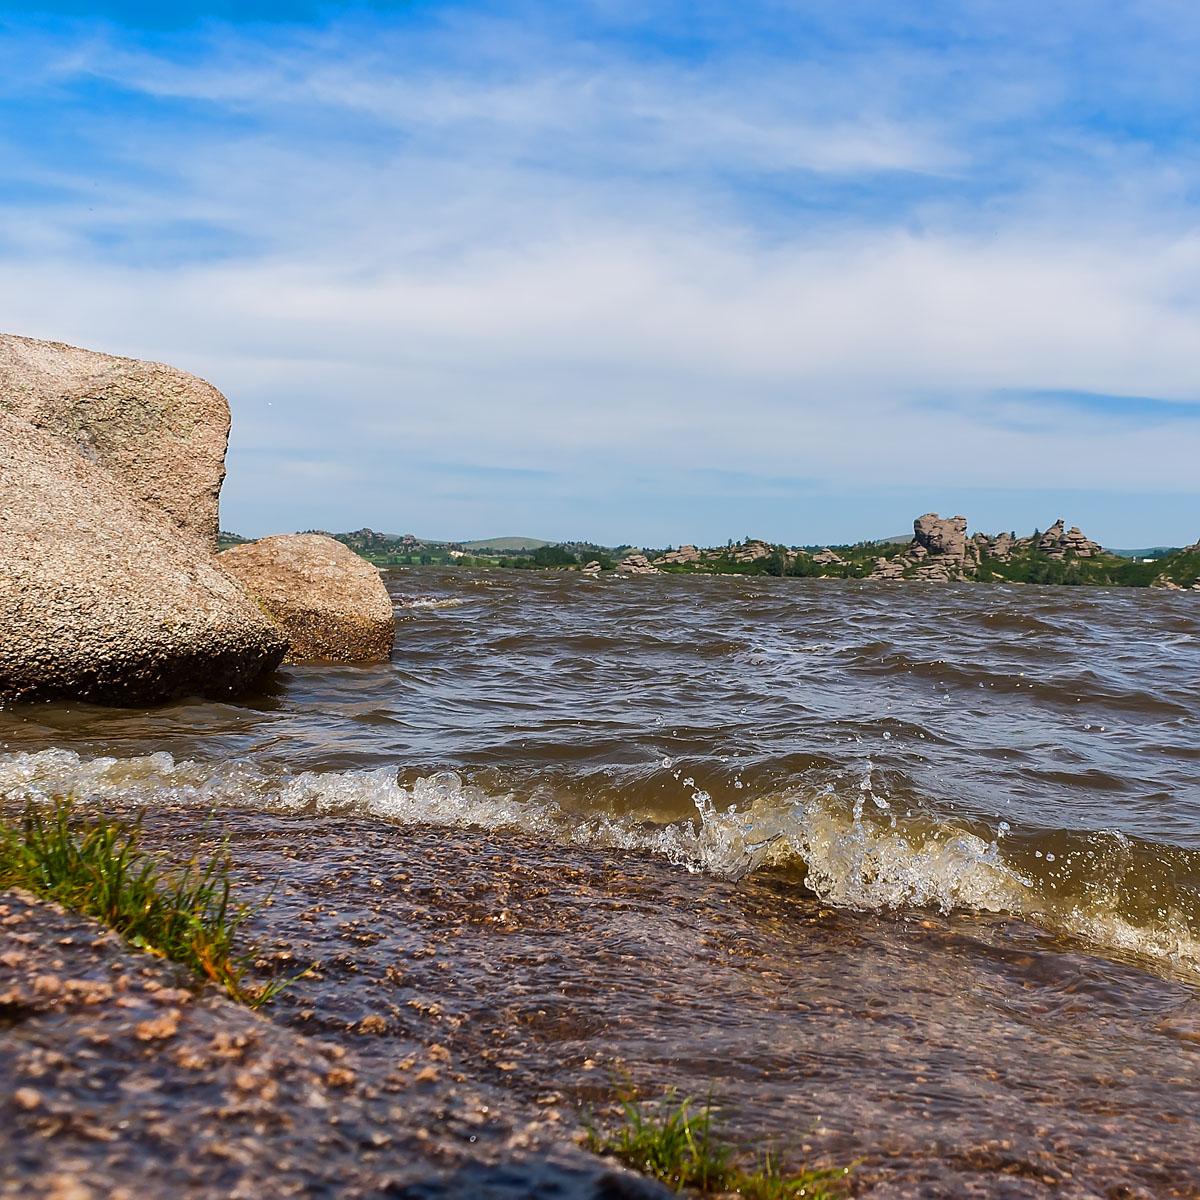 очень, нравятся колыванское озеро алтайский край фото города